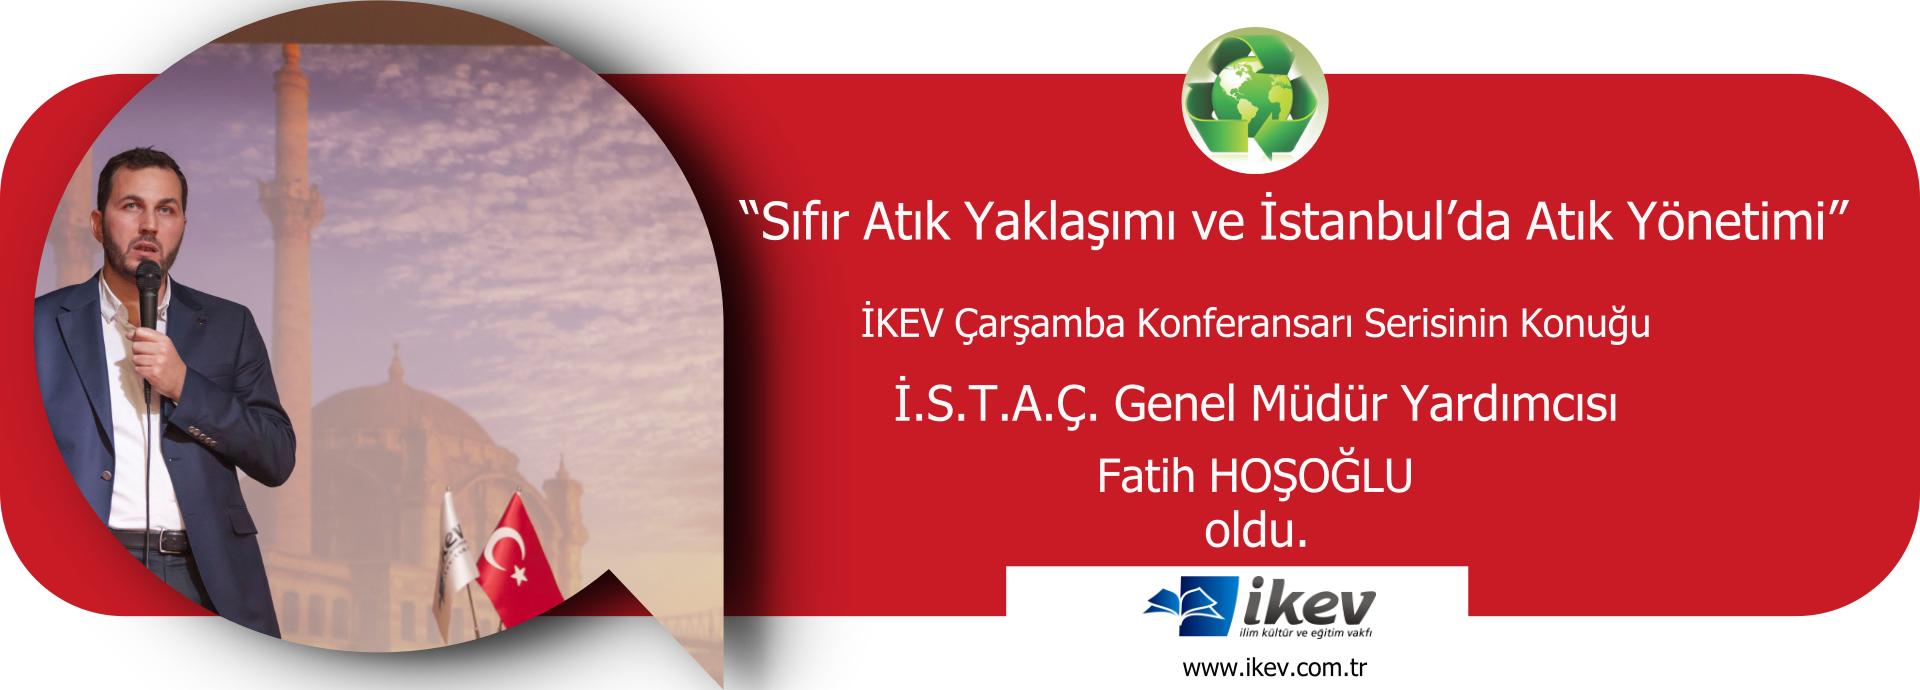 """ÇARŞAMBA KONFERANSLARI-""""Sıfır Atık Yaklaşımı ve İstanbul'da Atık Yönetimi"""""""